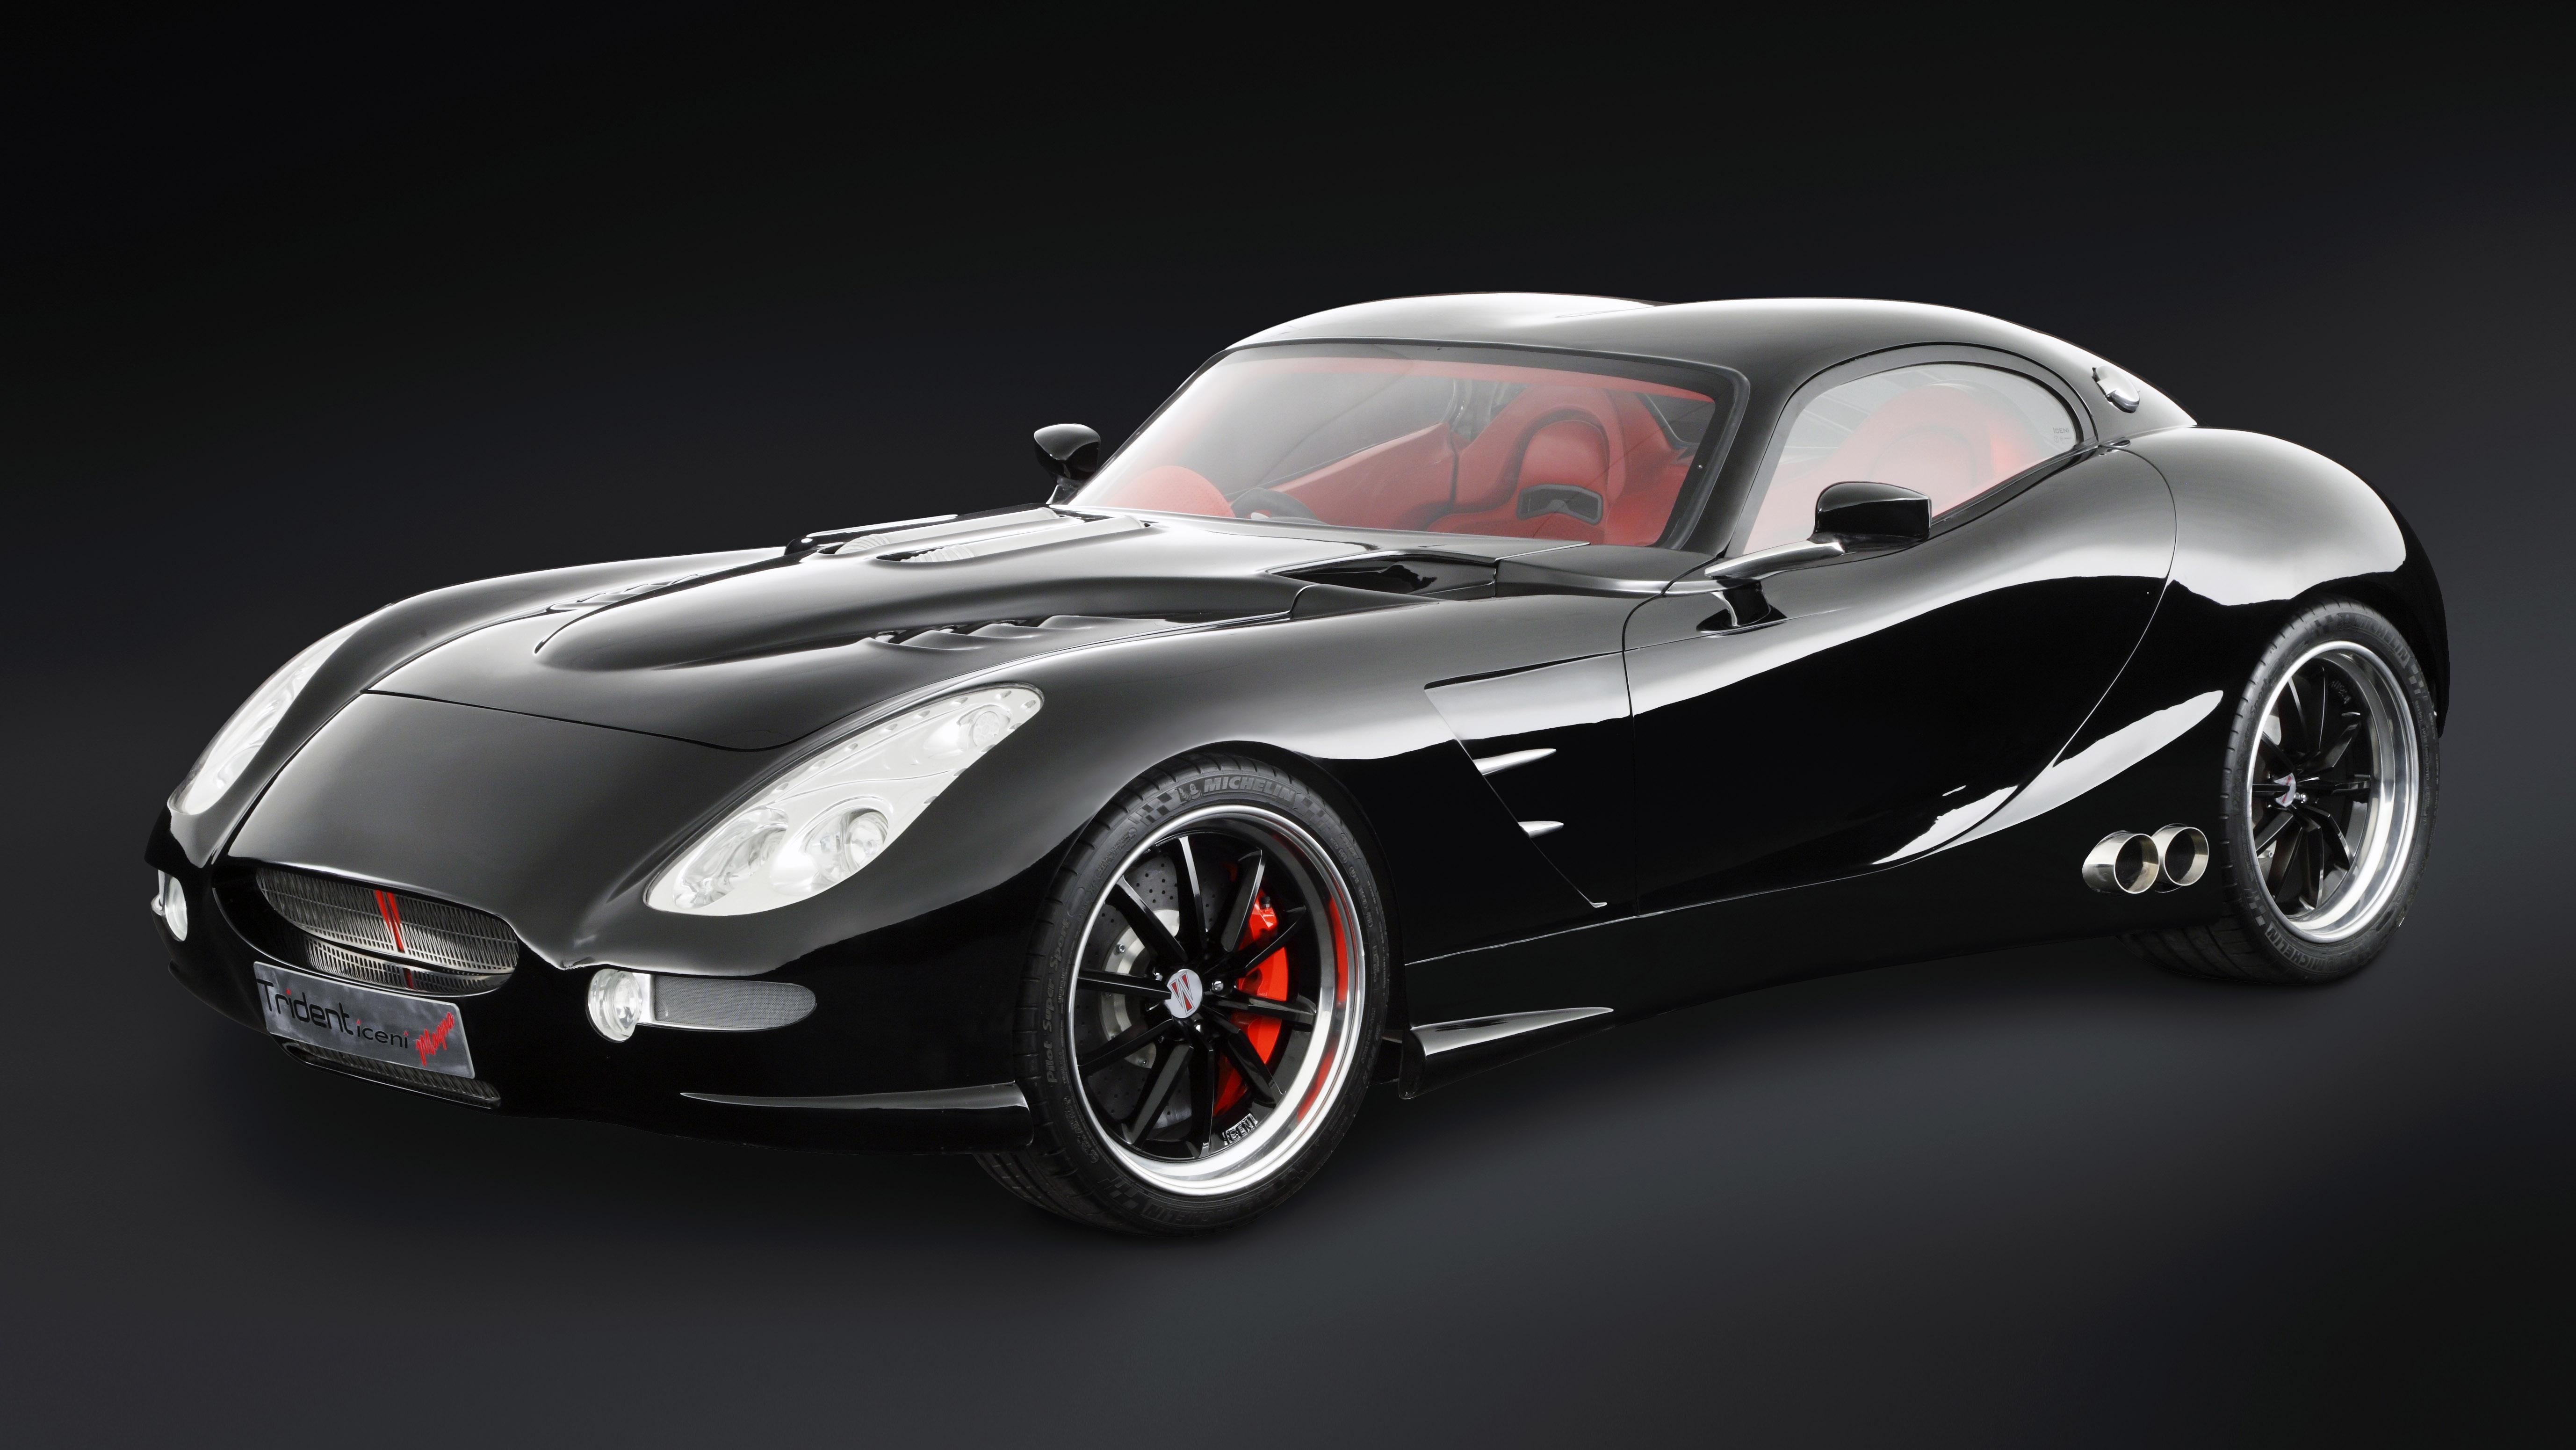 Trident Iceni supercar black front quarter